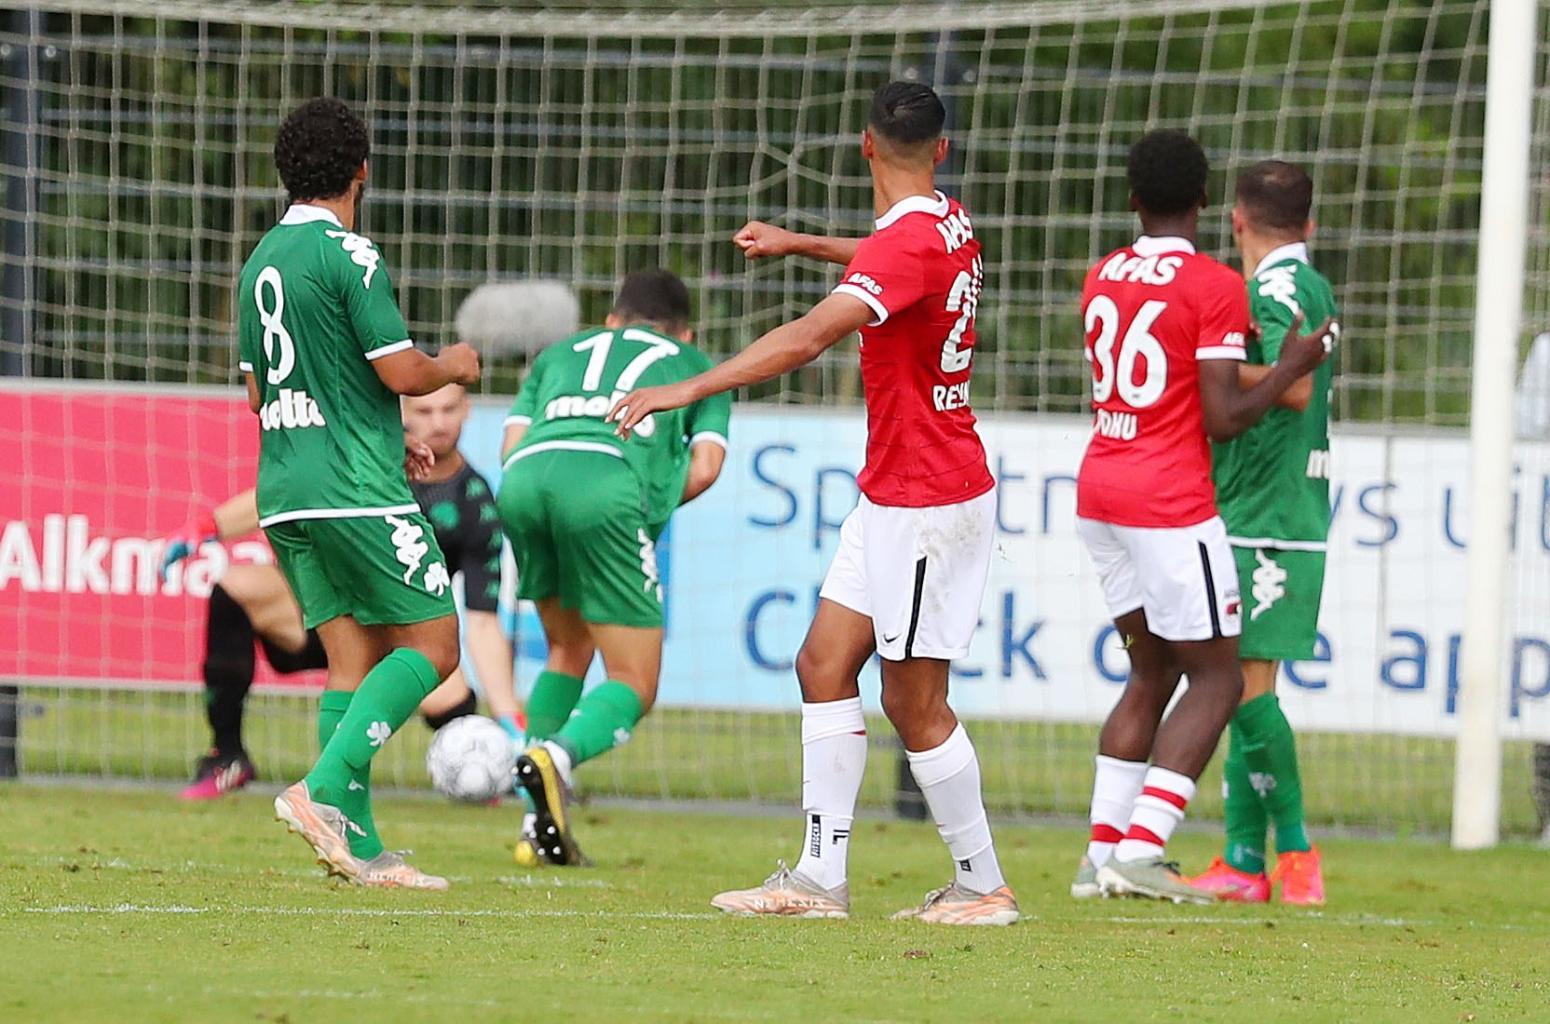 Άλκμααρ-Παναθηναϊκός 3-0